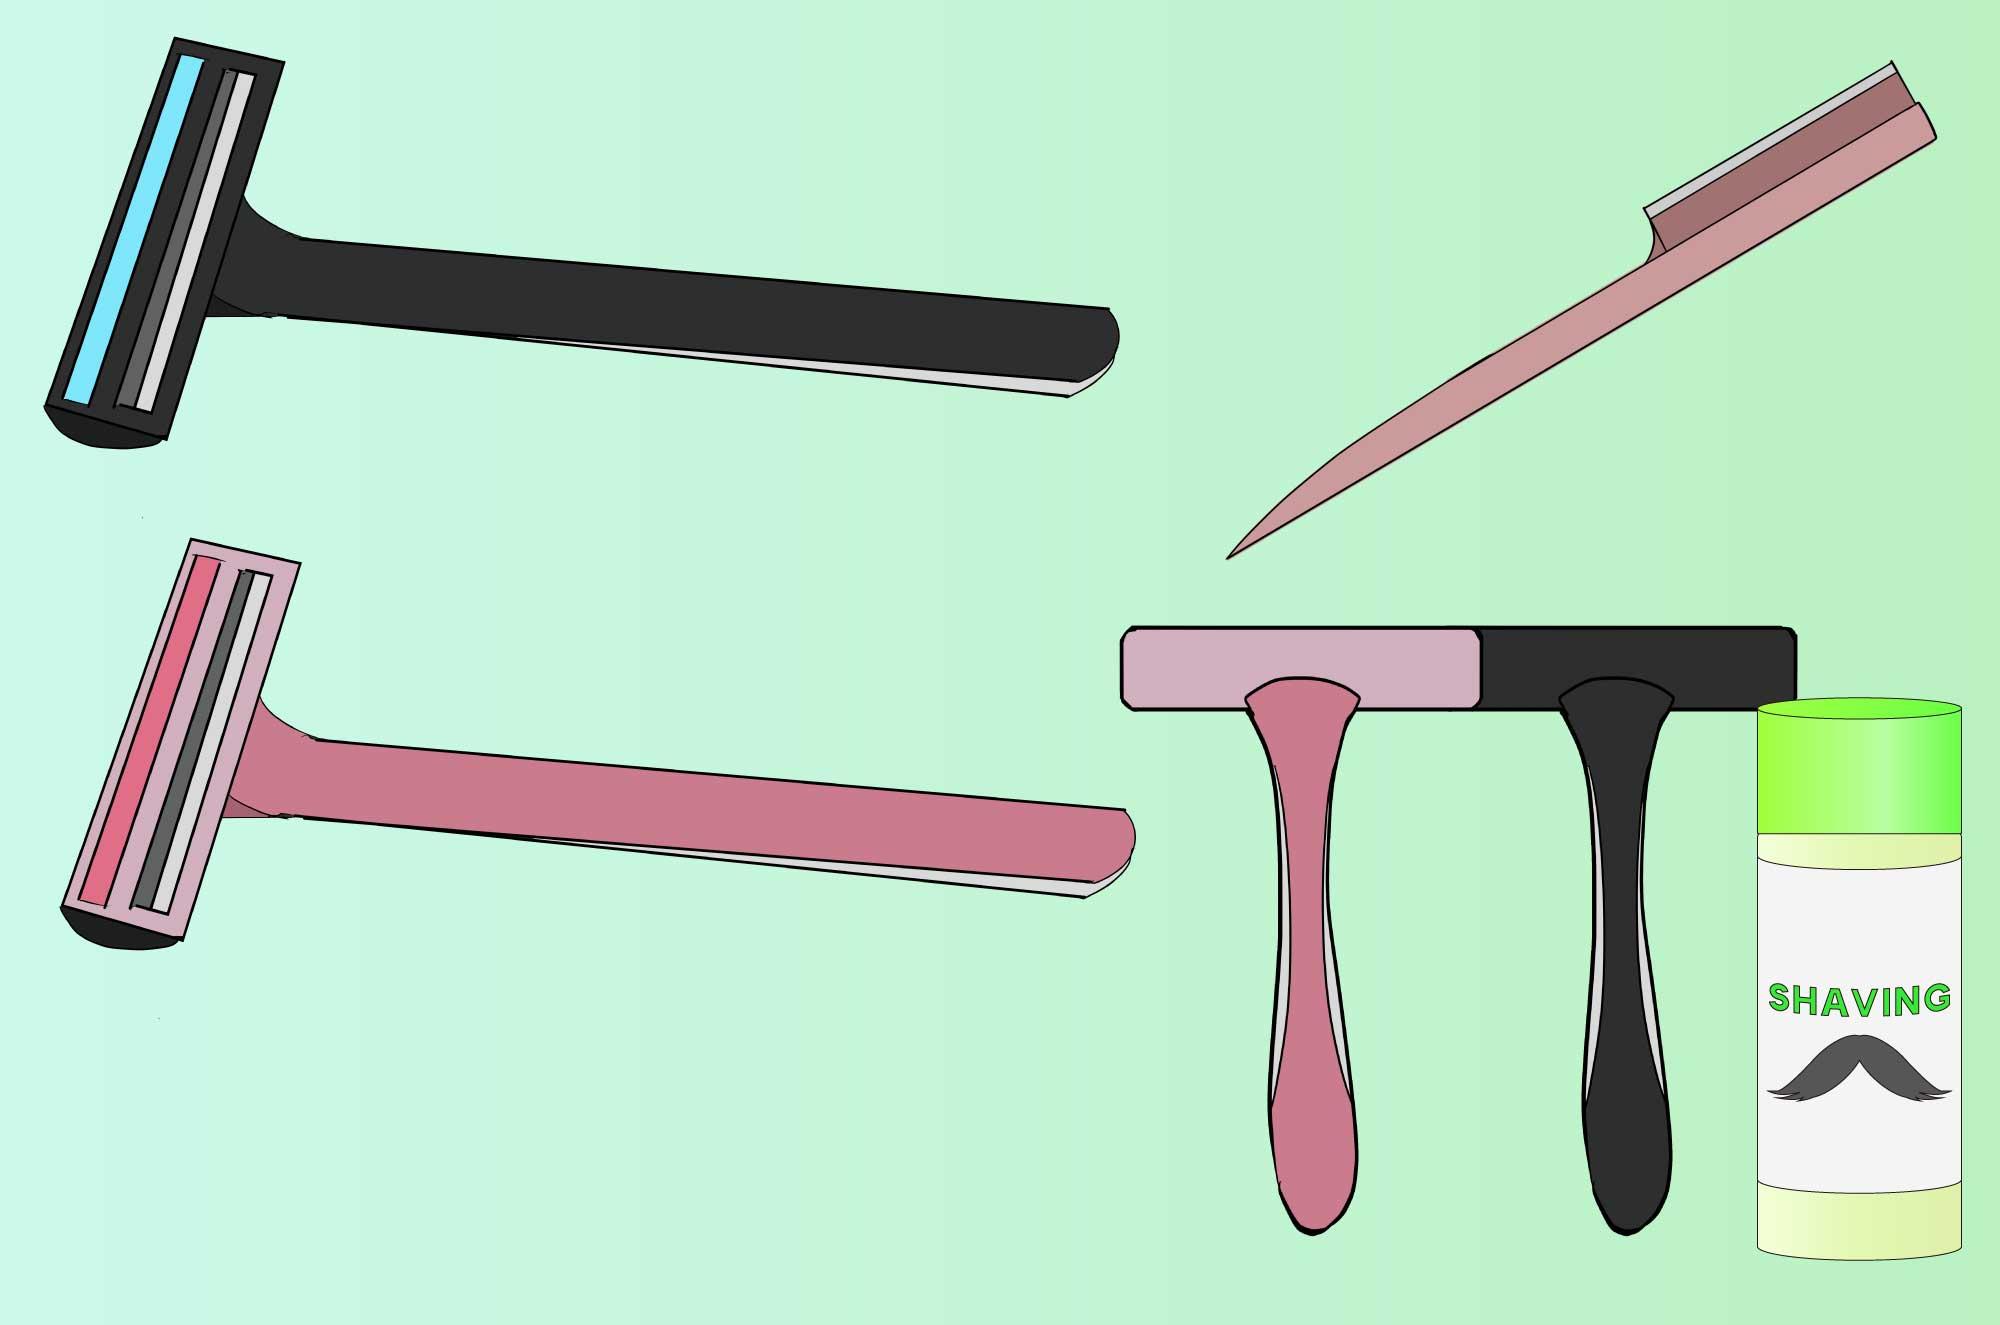 カミソリのイラスト - ヒゲ剃り道具日用品の素材